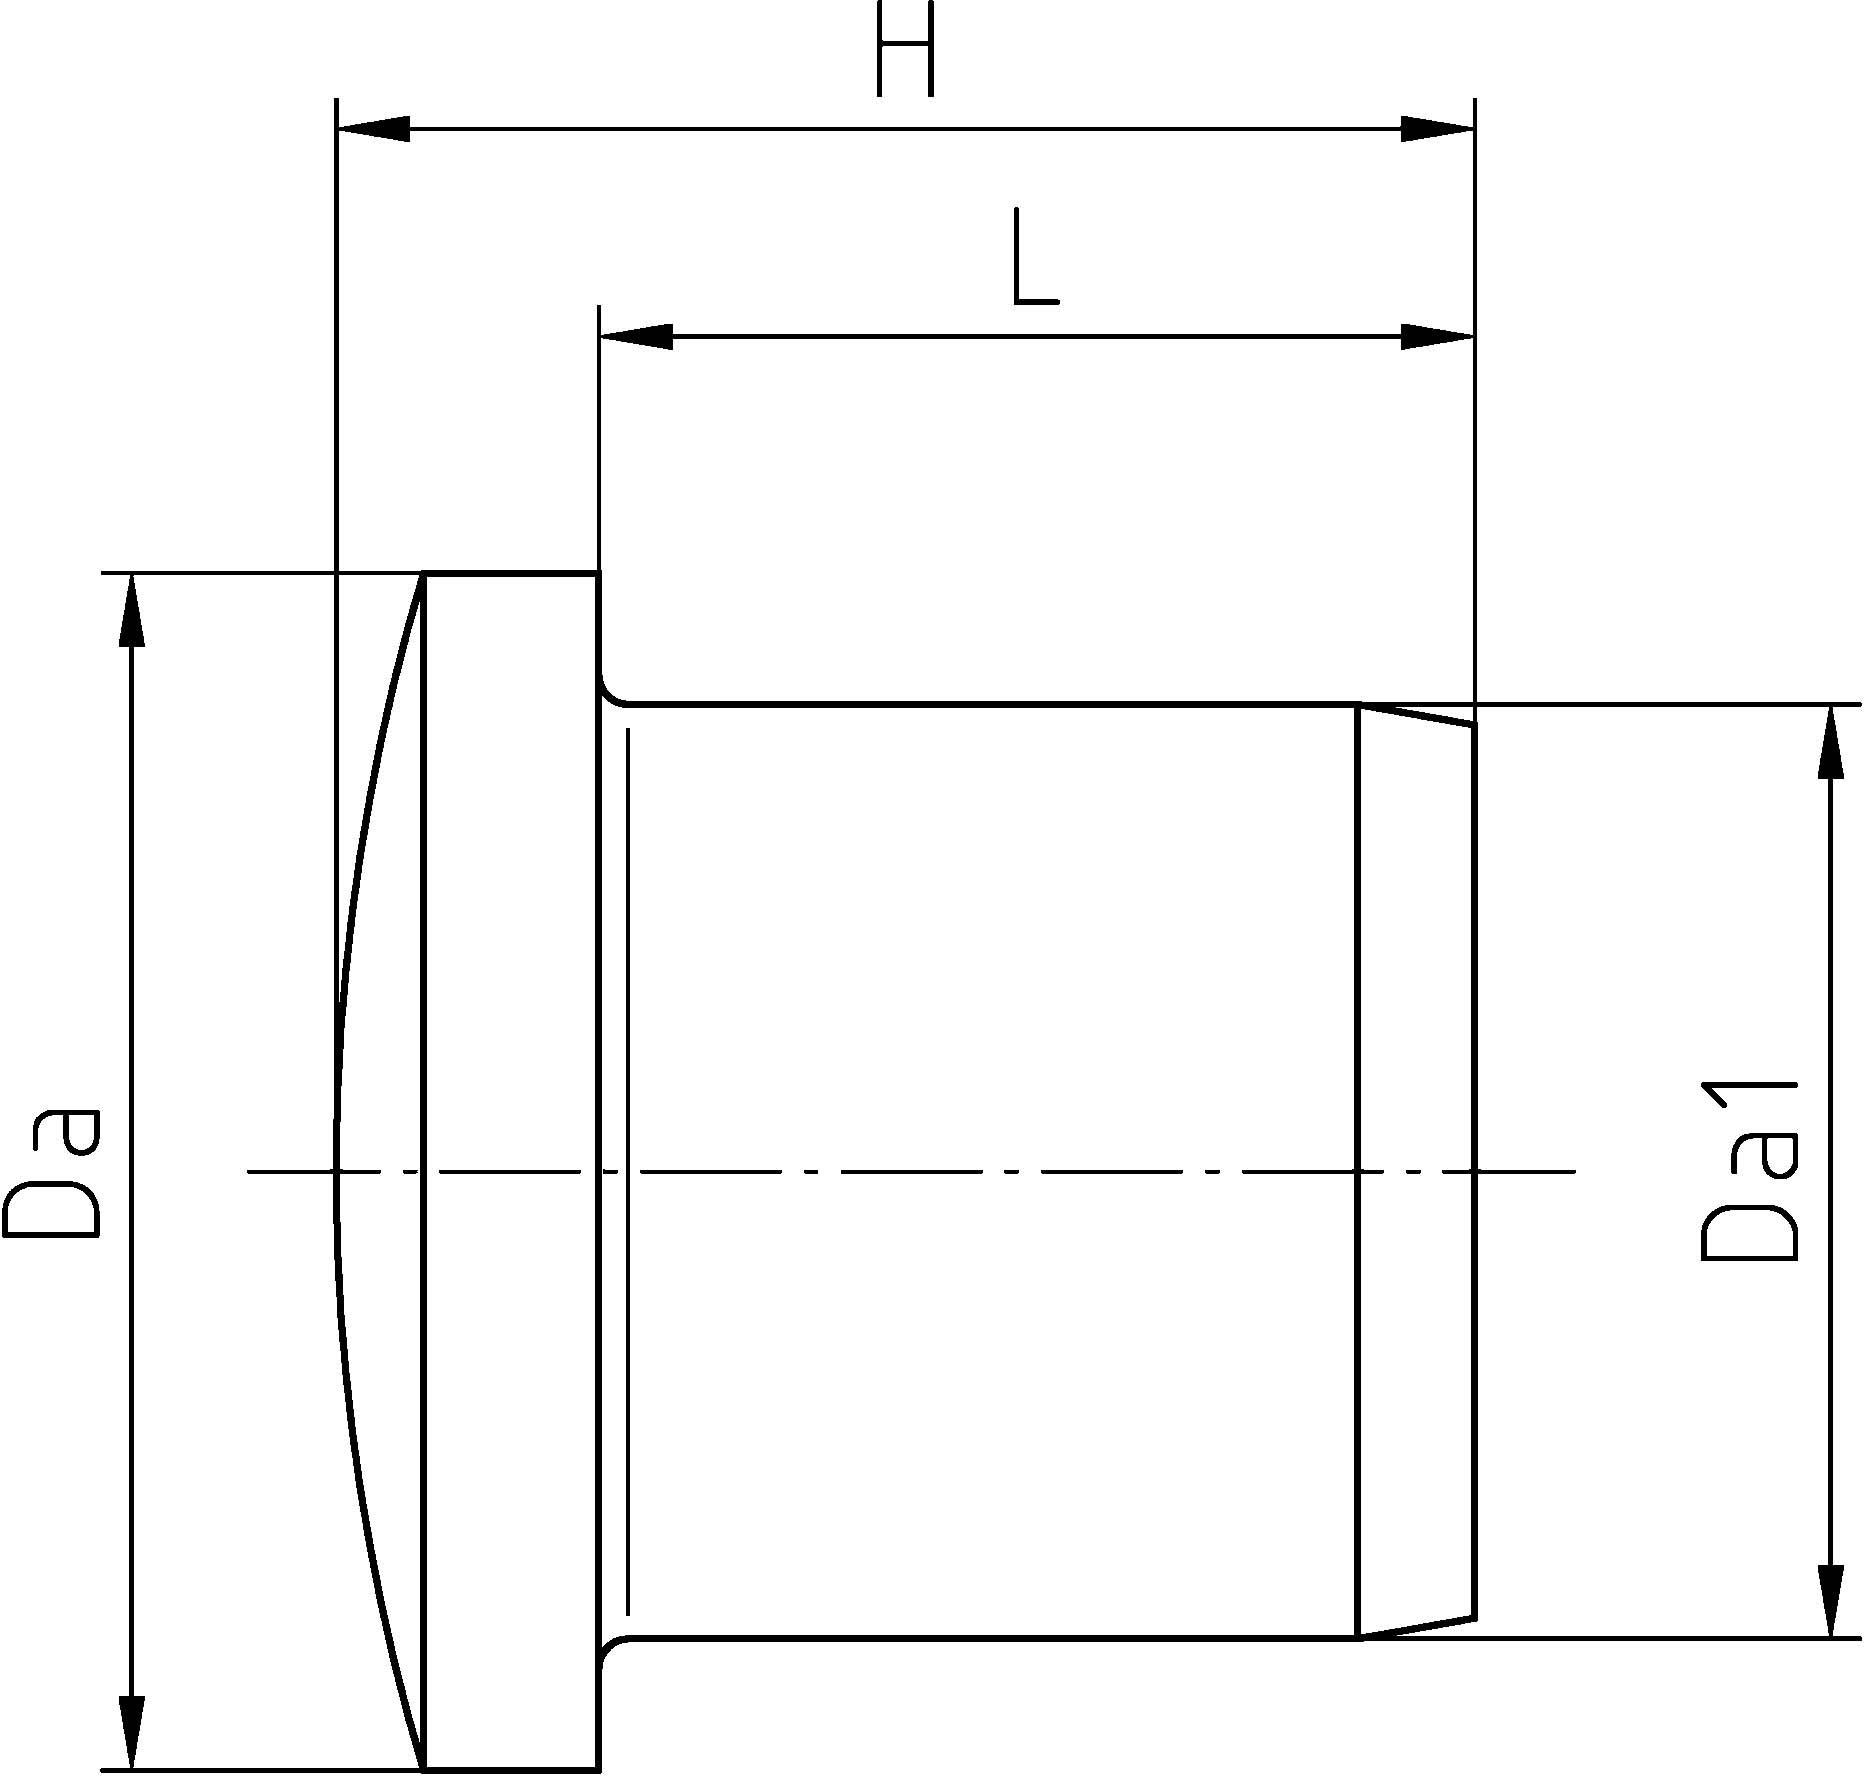 Hylec Apl Cable Glands Grommets Blanking Plugs Caps Wj Dm 40 Vpa Fuse Diagram Description